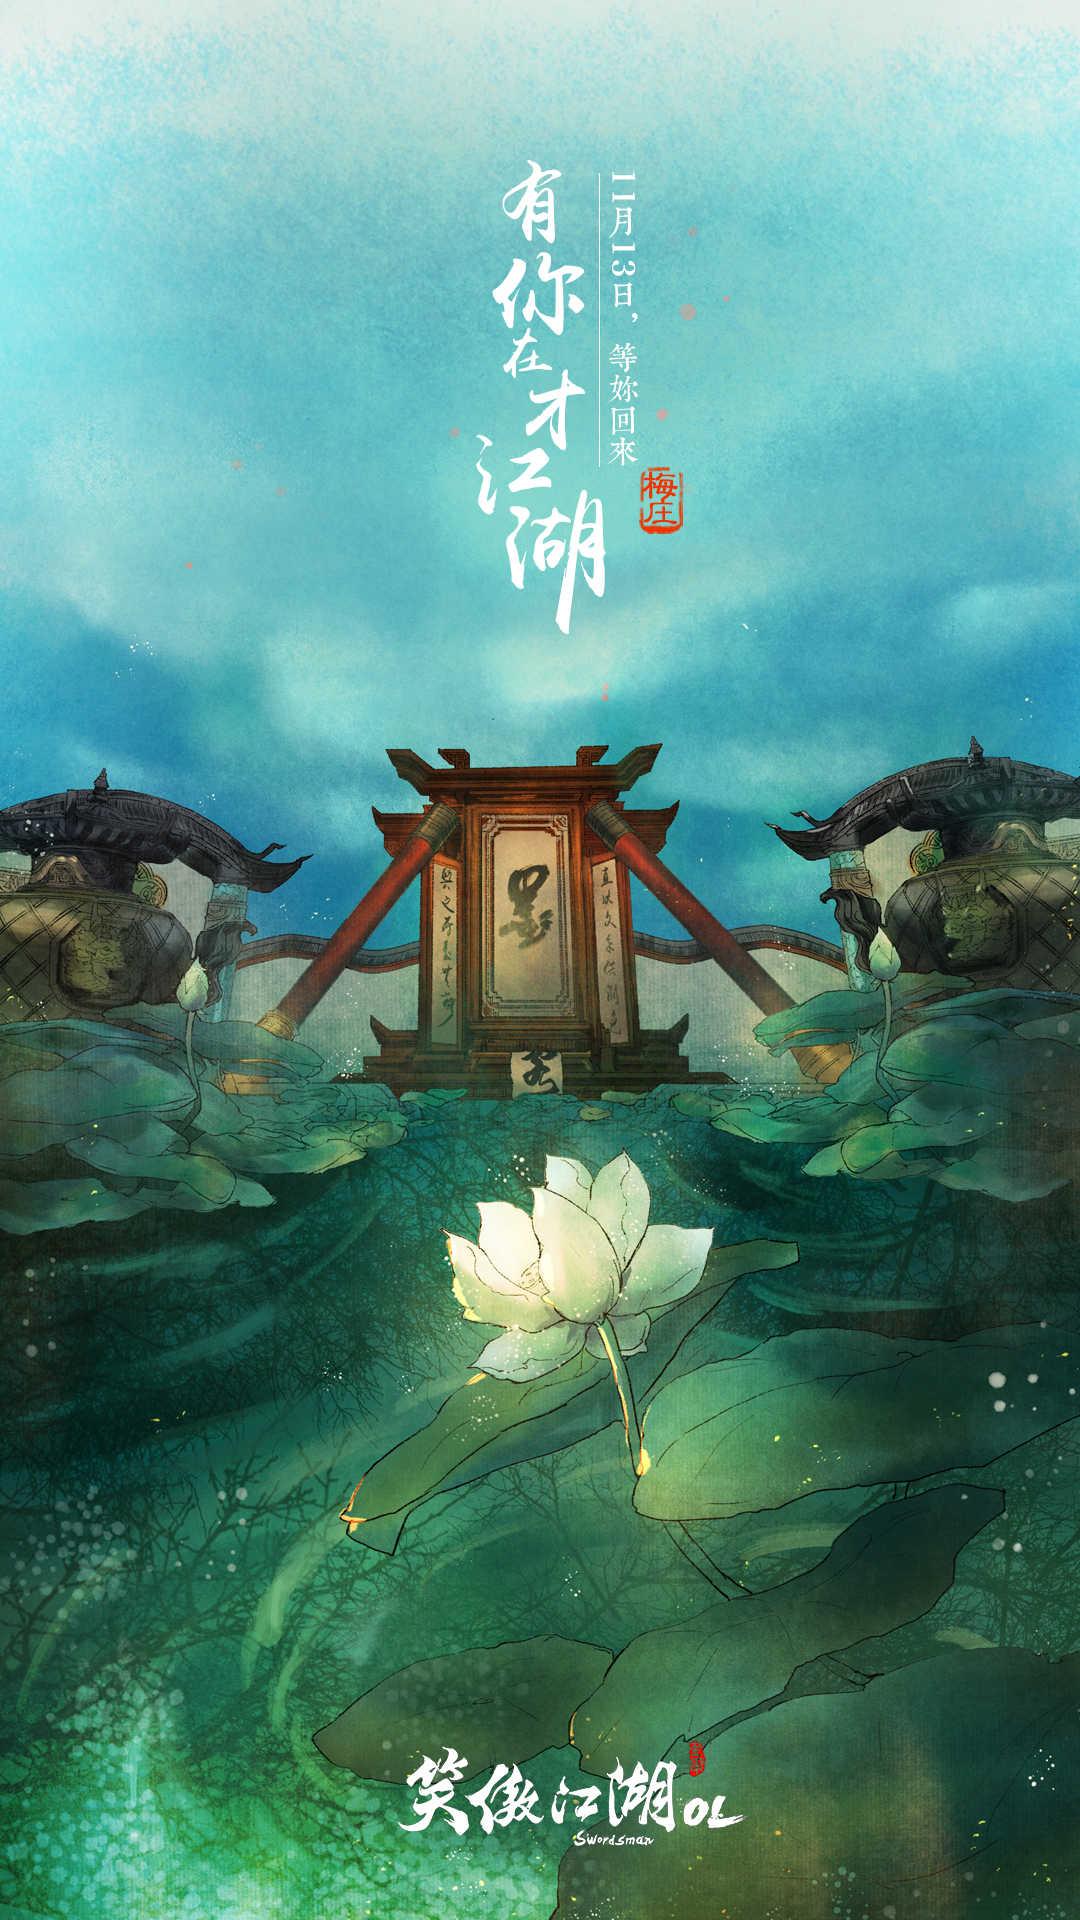 游戏资讯_游戏壁纸 -《笑傲江湖OL》官方网站